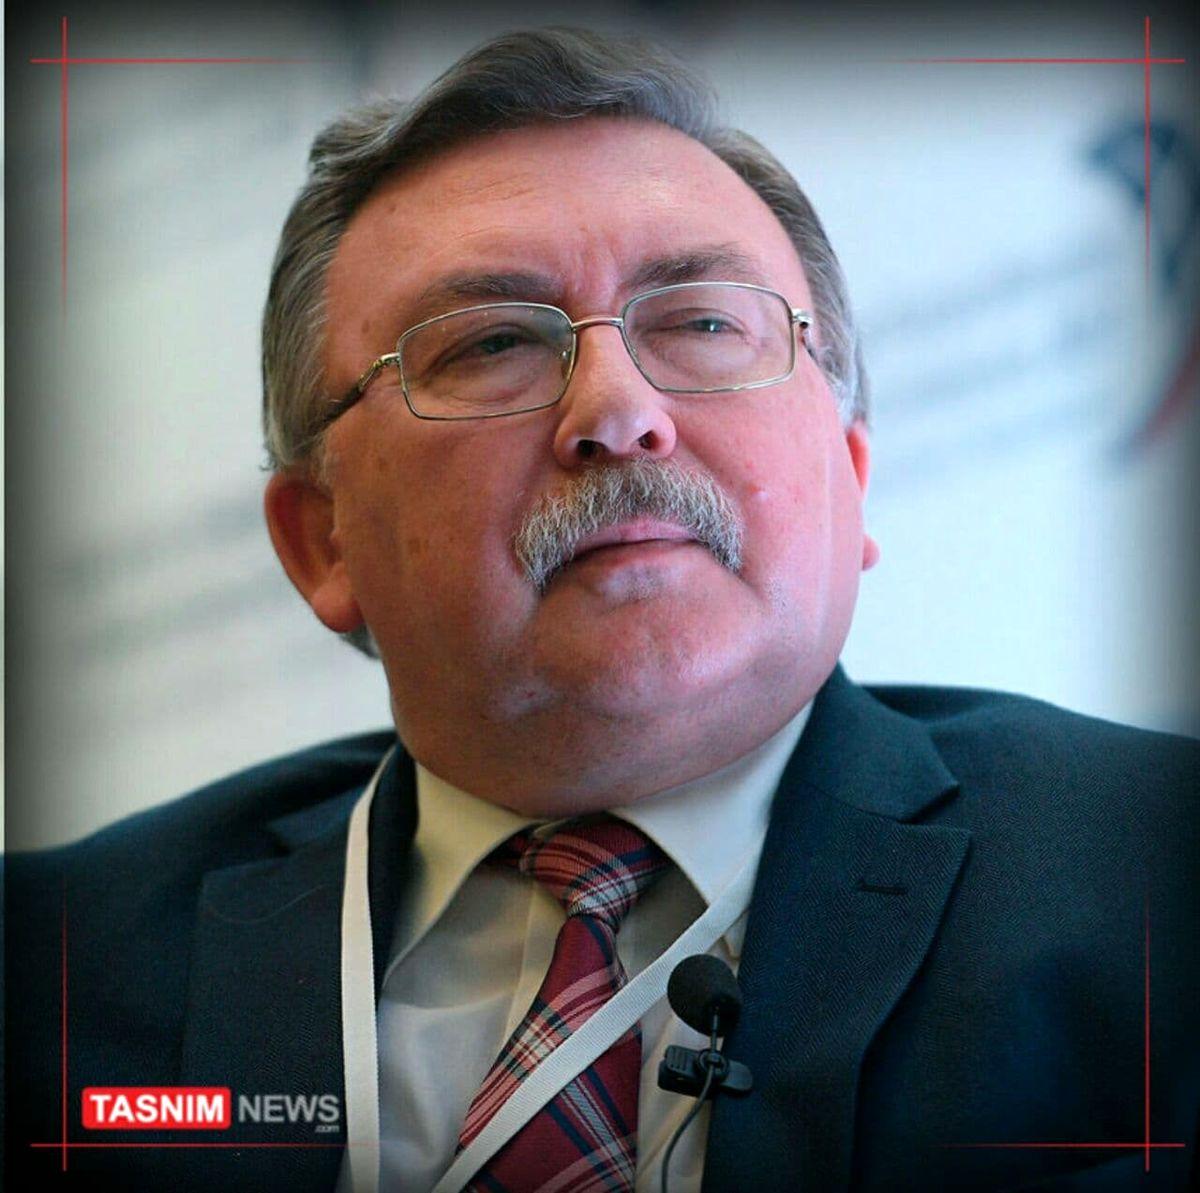 روسیه: دسترسی آژانس در چارچوب تفاهم کافی است